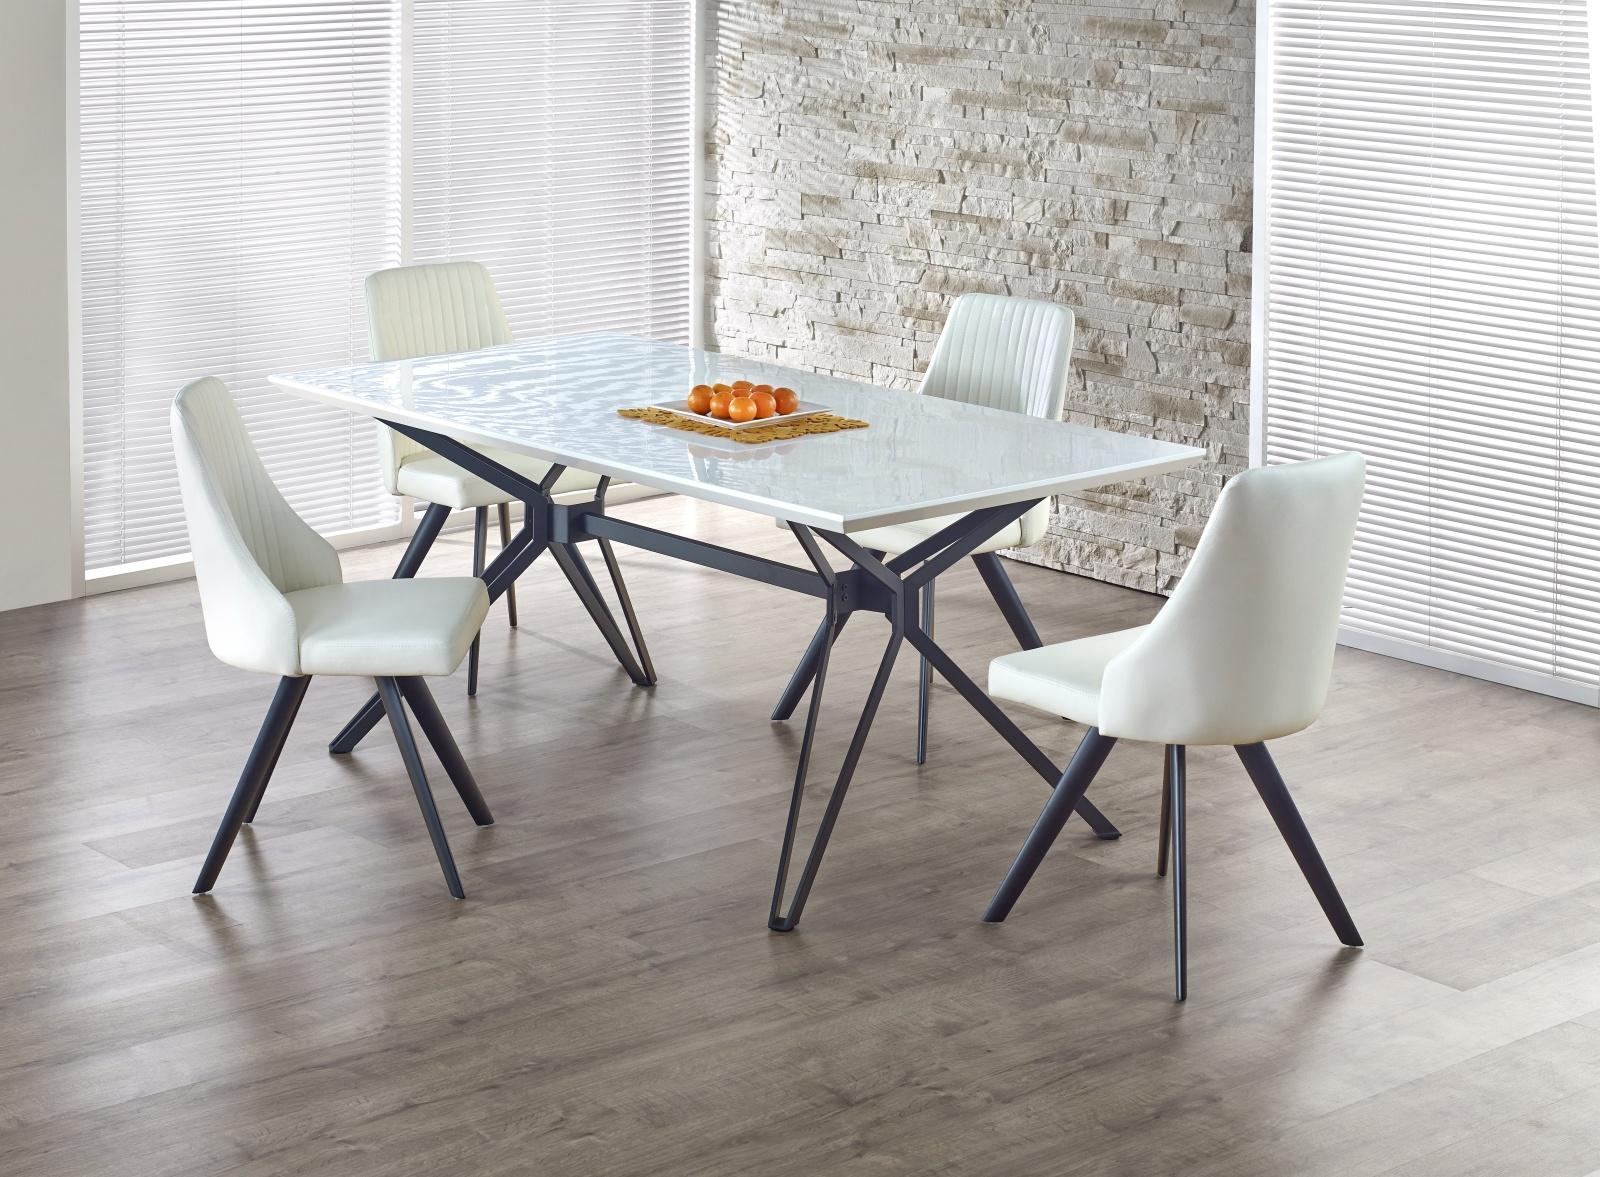 Jídelní stůl rozkládací PASCAL,160/200x90 cm, bílá/černá